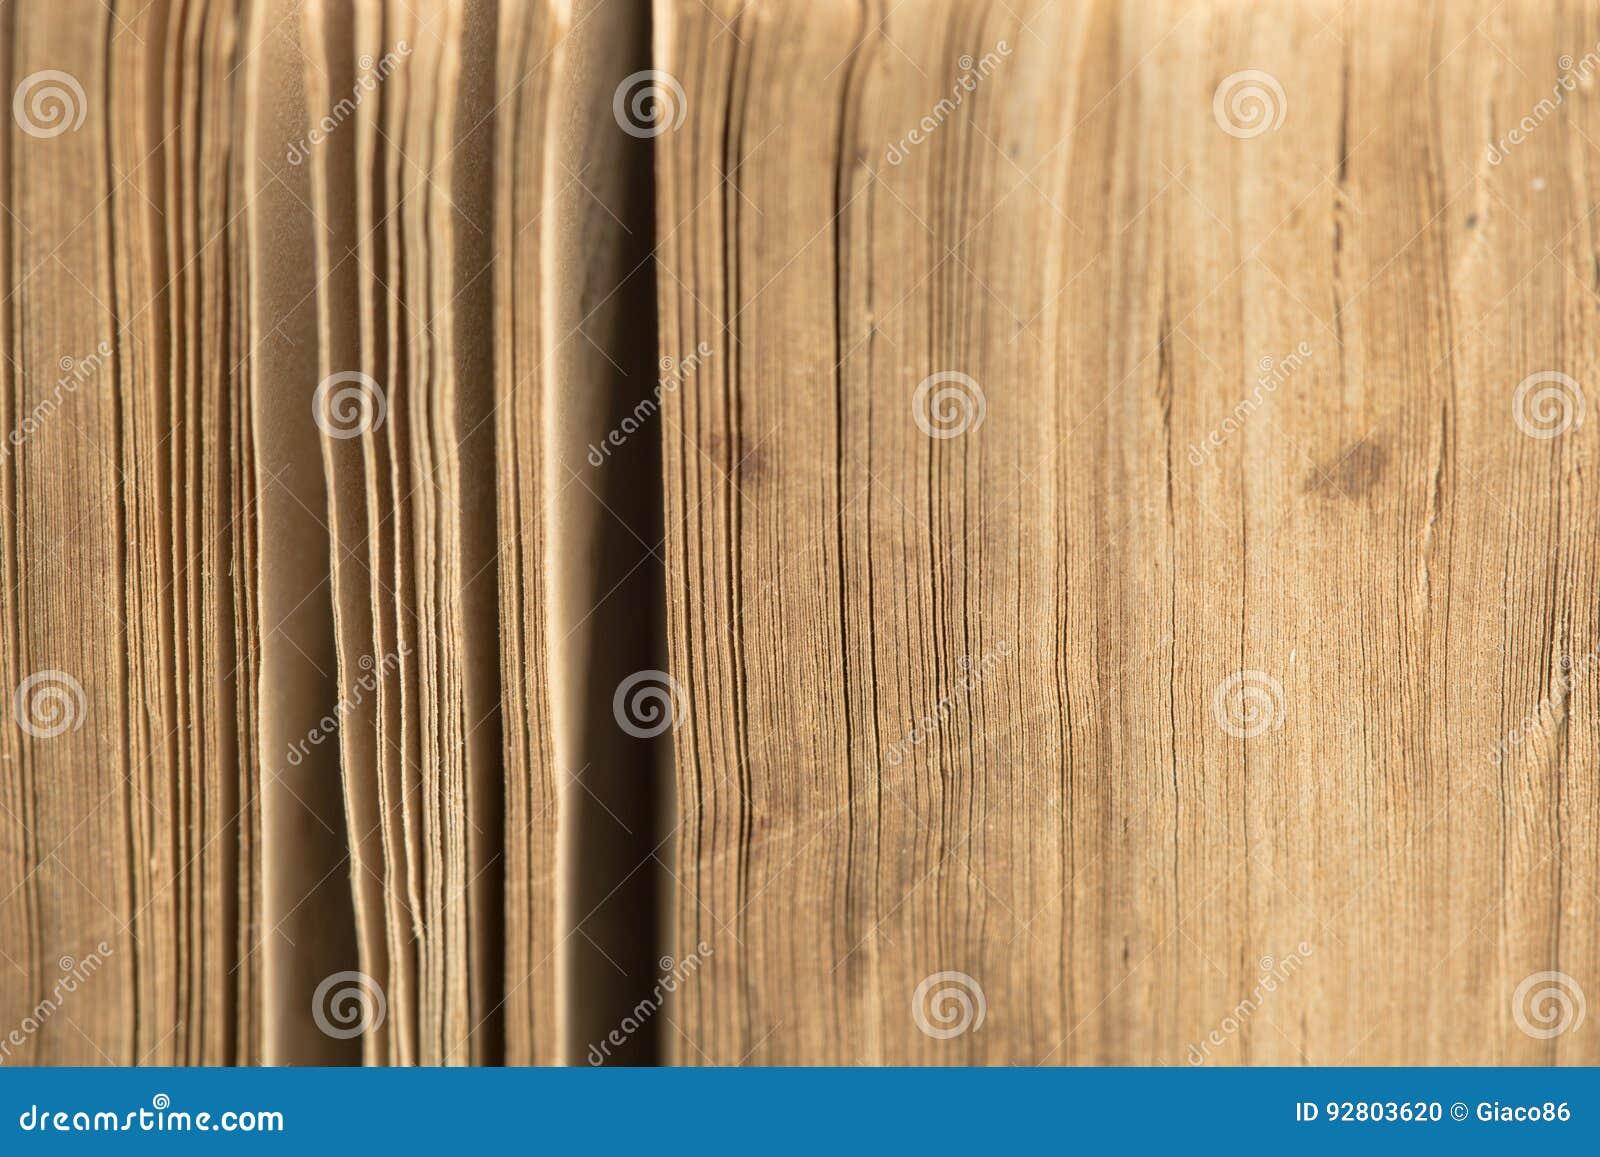 Αρχαία Βίβλος - παλαιό βιβλίο - κινηματογράφηση σε πρώτο πλάνο σελίδων